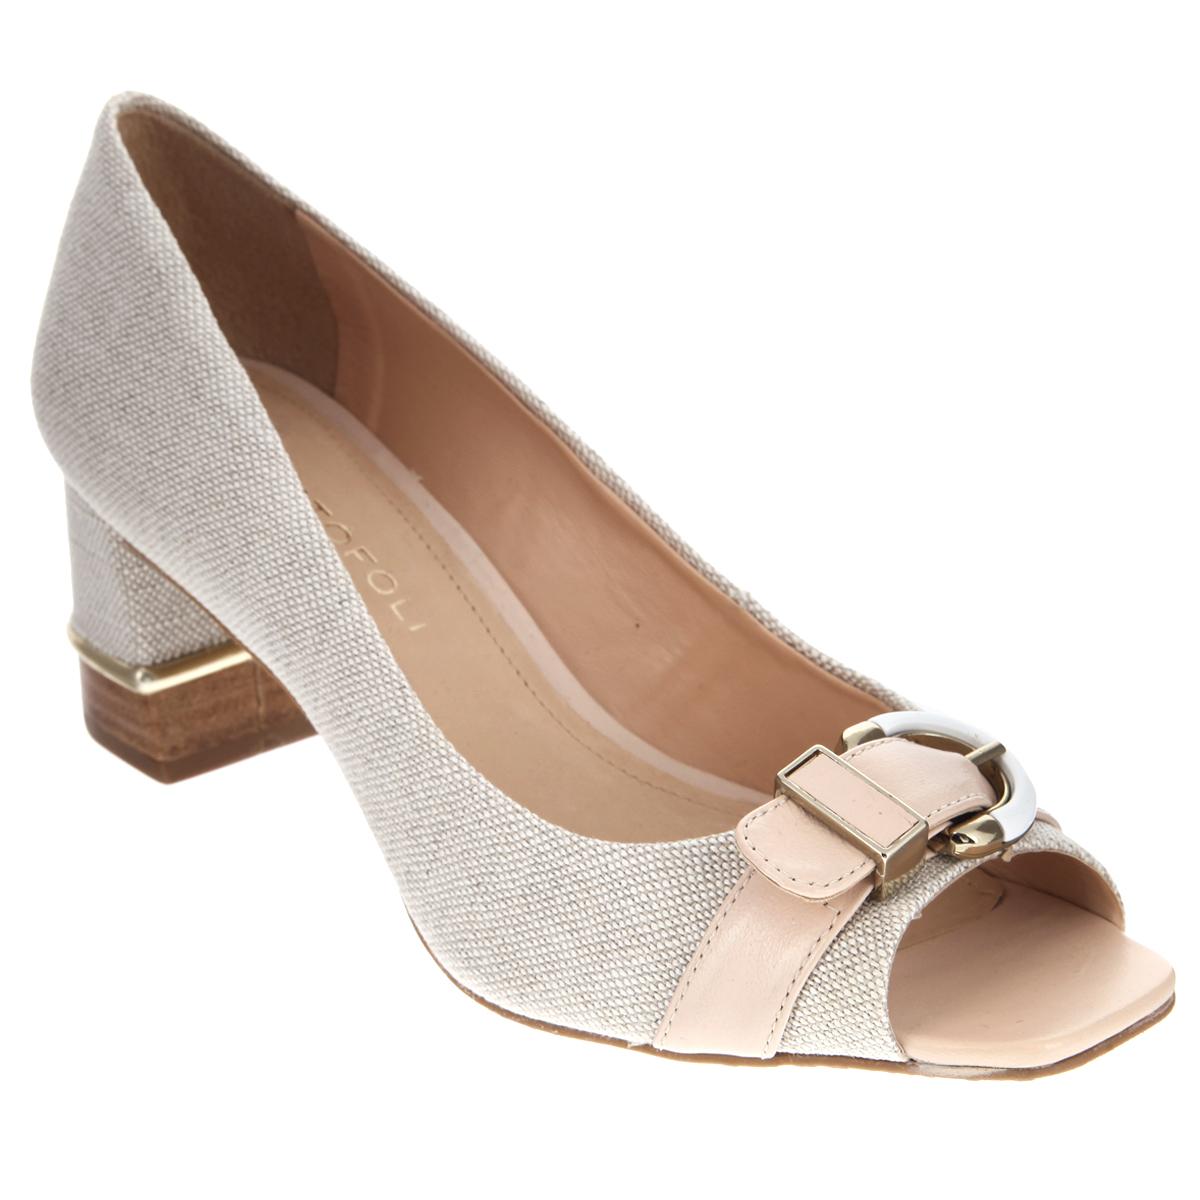 152152Изысканные женские туфли от Cristofoli займут достойное место среди вашей коллекции обуви. Модель изготовлена из плотного высококачественного текстиля. Мыс изделия оформлен кожаным ремешком с металлической пряжкой. Открытый носок добавит женственности в ваш образ. Подкладка и стелька из натуральной кожи обеспечат комфорт при движении. Толстый устойчивый каблук у основания стилизован под дерево и оформлен металлической вставкой. Каблук и подошва дополнены противоскользящим рифлением. Прелестные туфли покорят вас с первого взгляда.